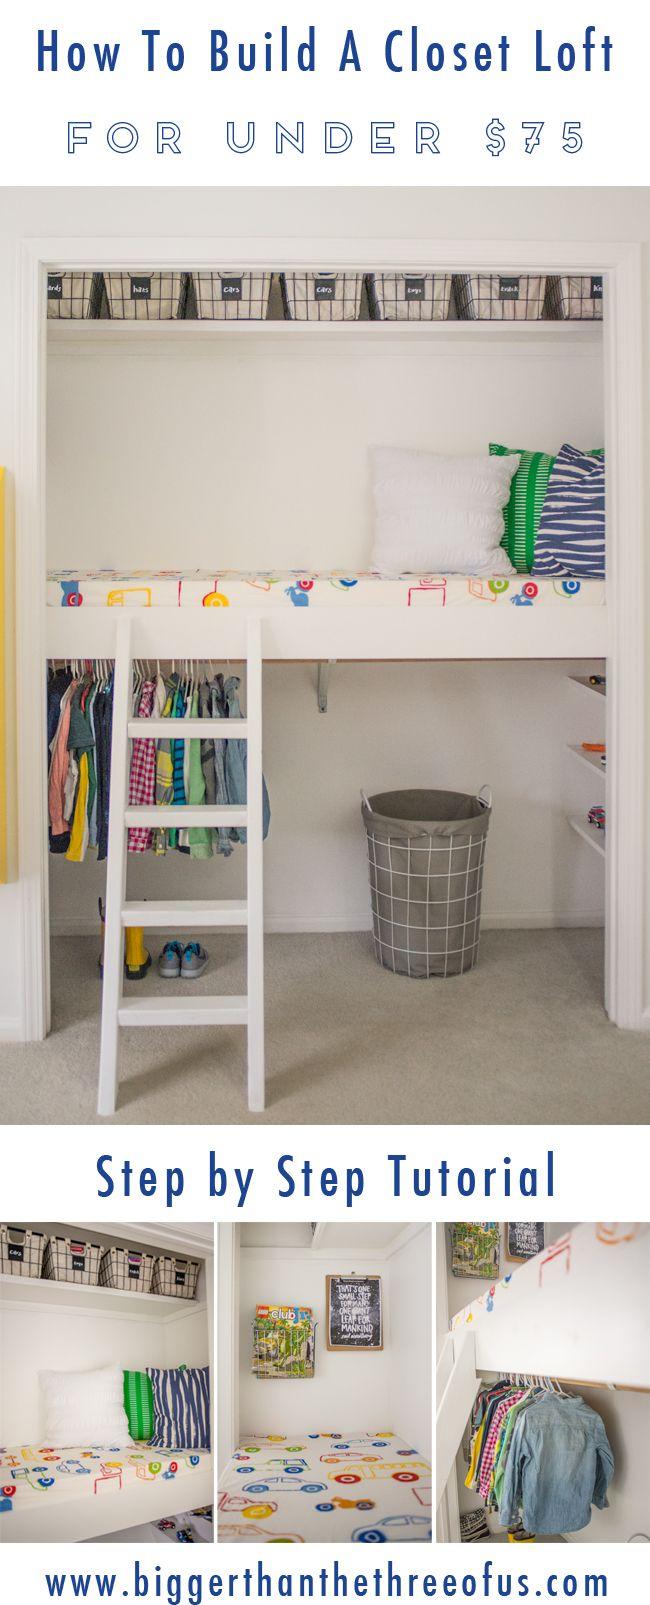 How to Build a Closet Loft  Build a closet, Book nook closet, Diy